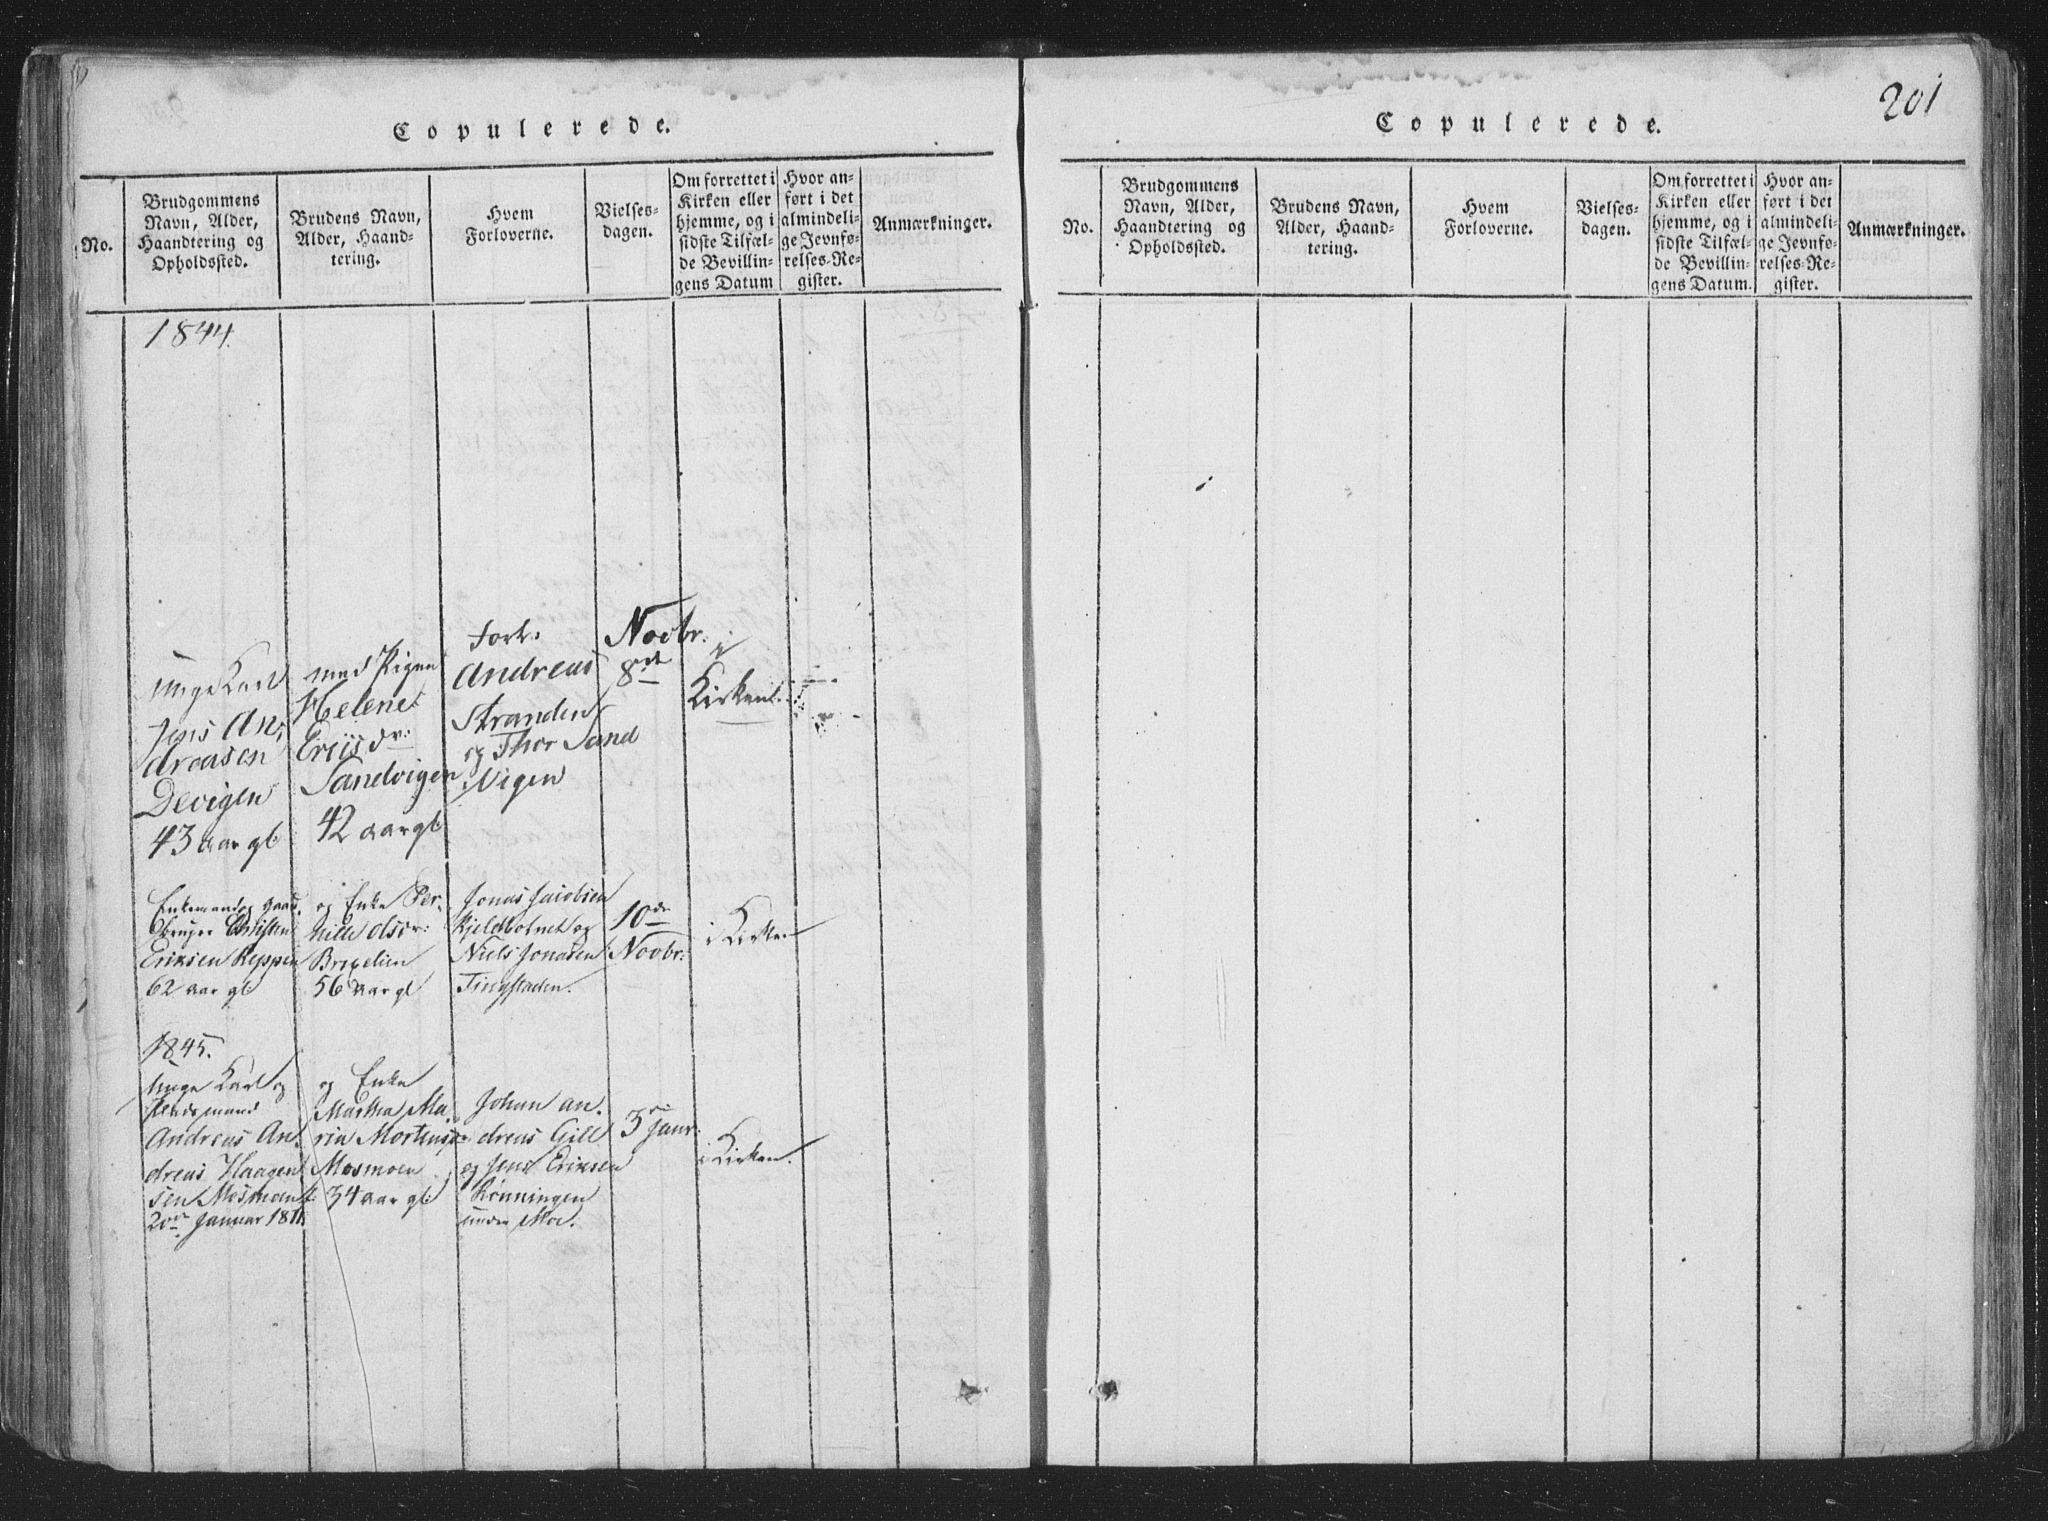 SAT, Ministerialprotokoller, klokkerbøker og fødselsregistre - Nord-Trøndelag, 773/L0613: Ministerialbok nr. 773A04, 1815-1845, s. 201